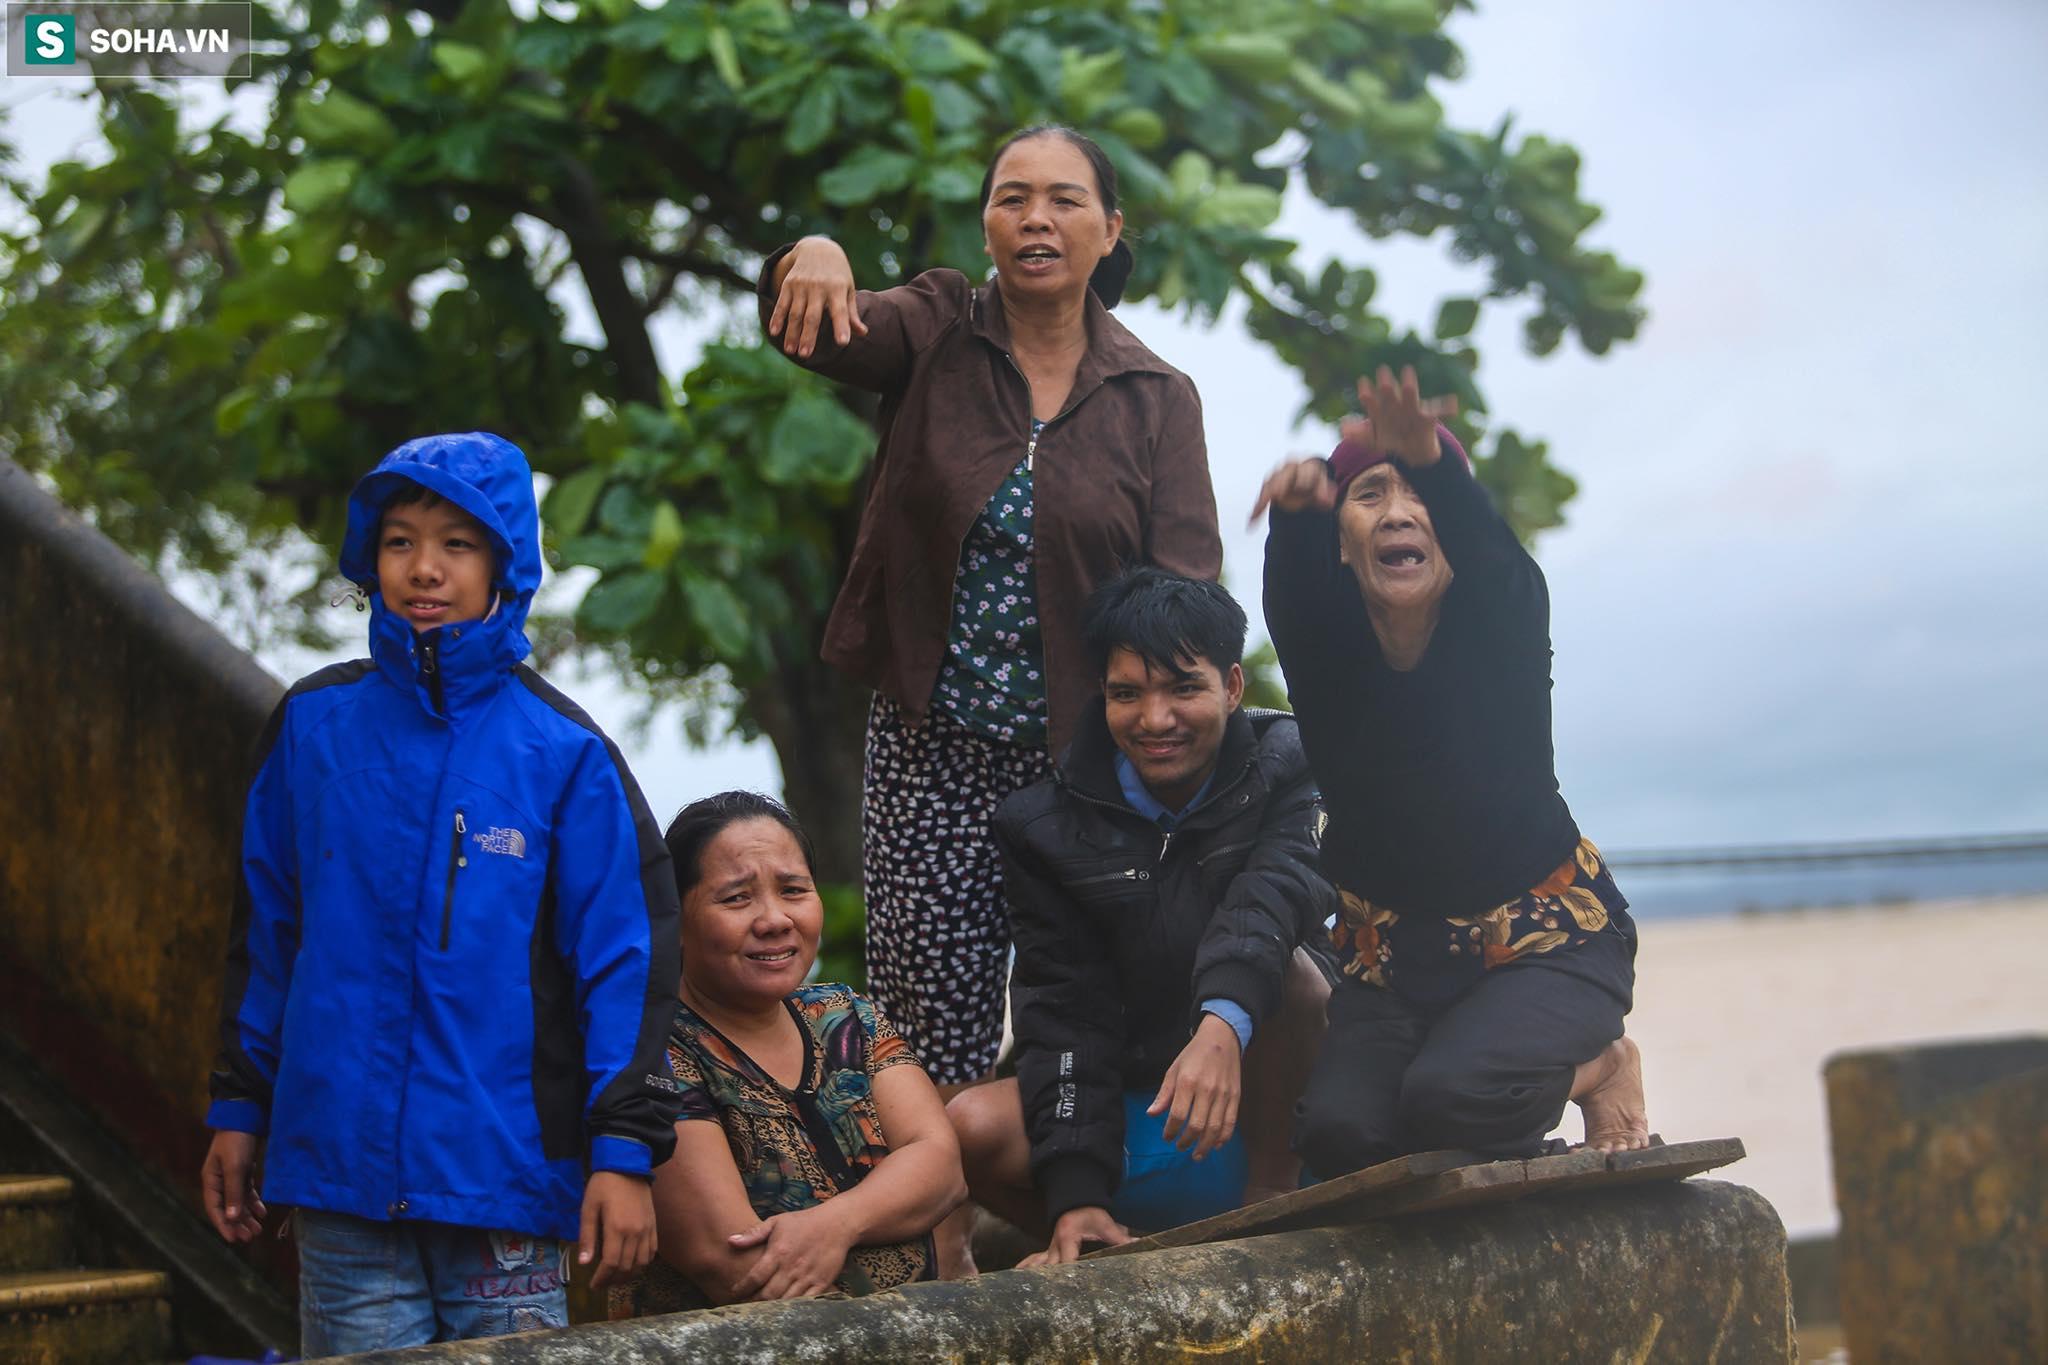 Những cánh tay 'cầu cứu' từ mái nhà trong cơn lũ lịch sử ở Quảng Bình - Ảnh 9.